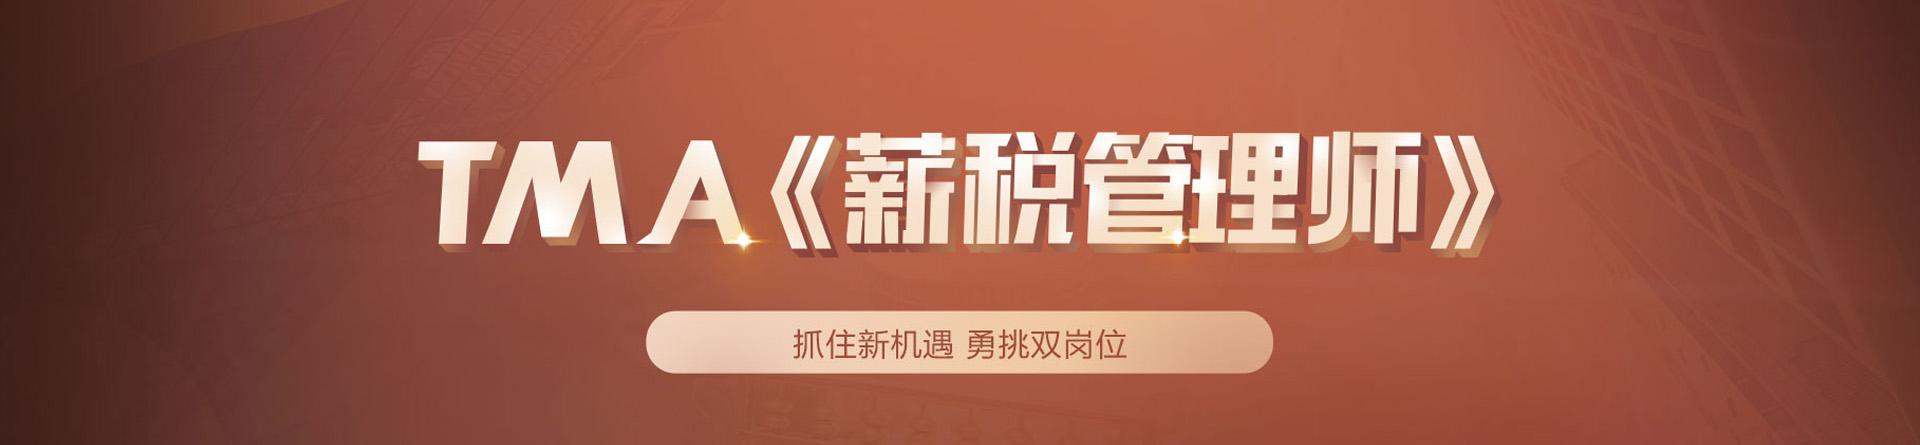 宁夏石嘴山优路教育培训学校